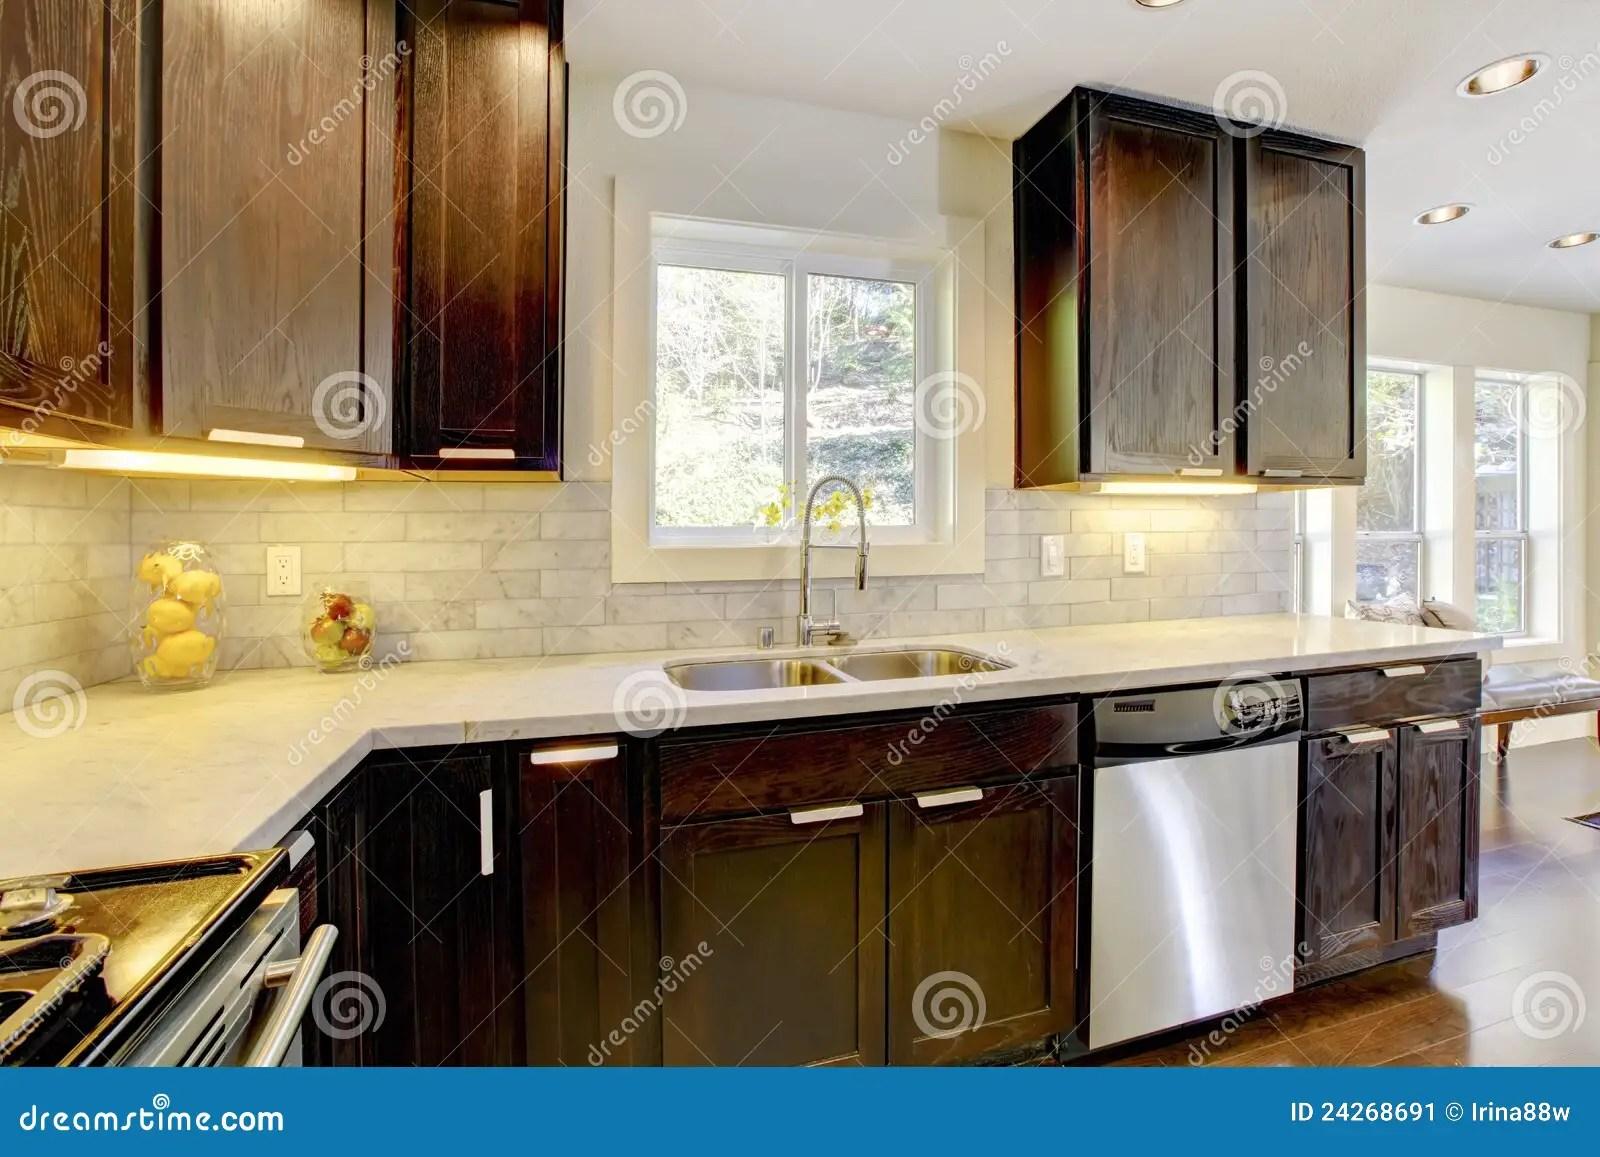 Modern Luxury New Dark Brown And White Kitchen Stock